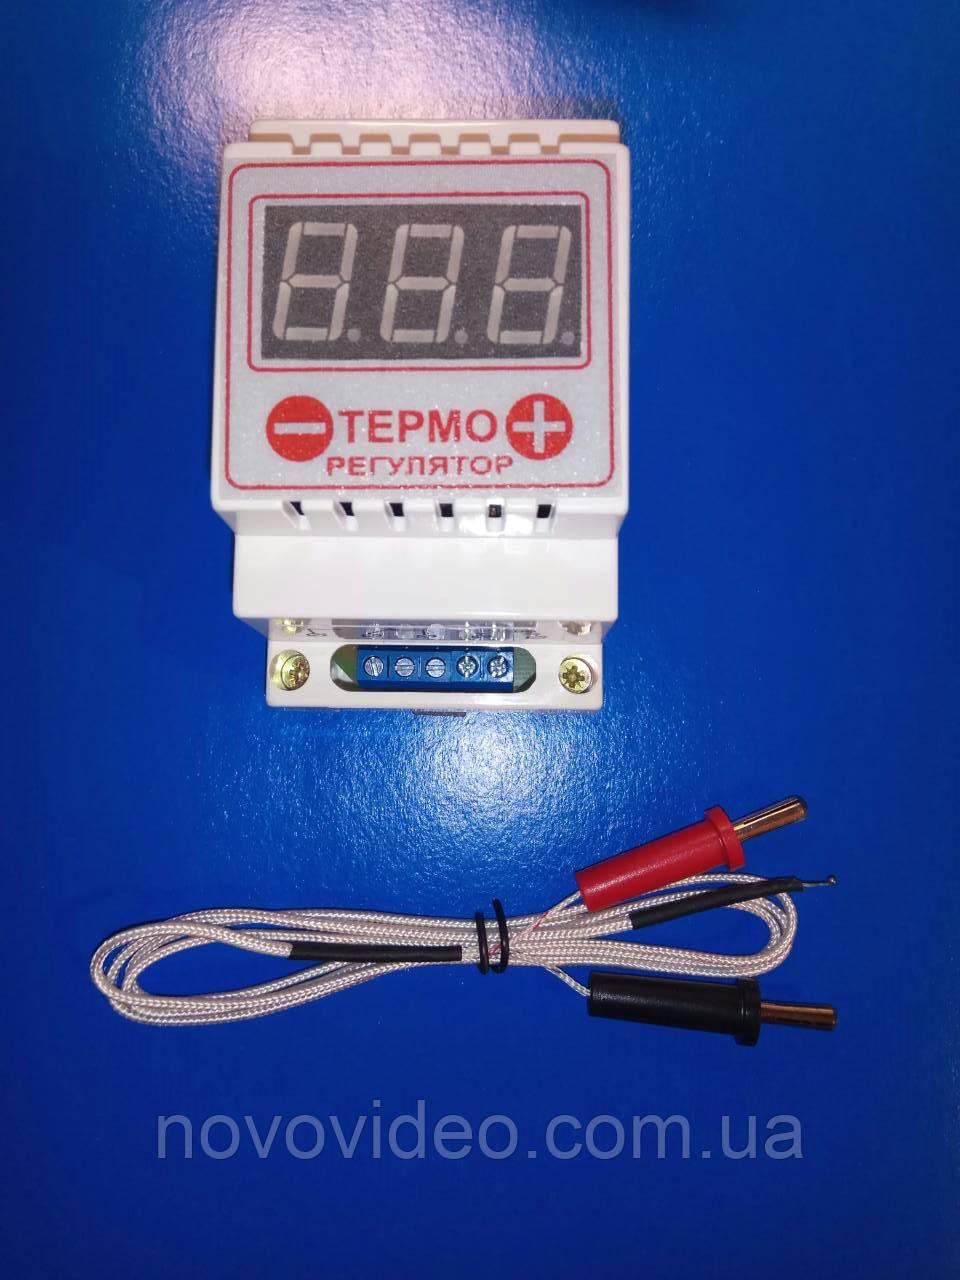 Терморегулятор цифровой Цтр-2т высокотемпературный с датчиком термопарой